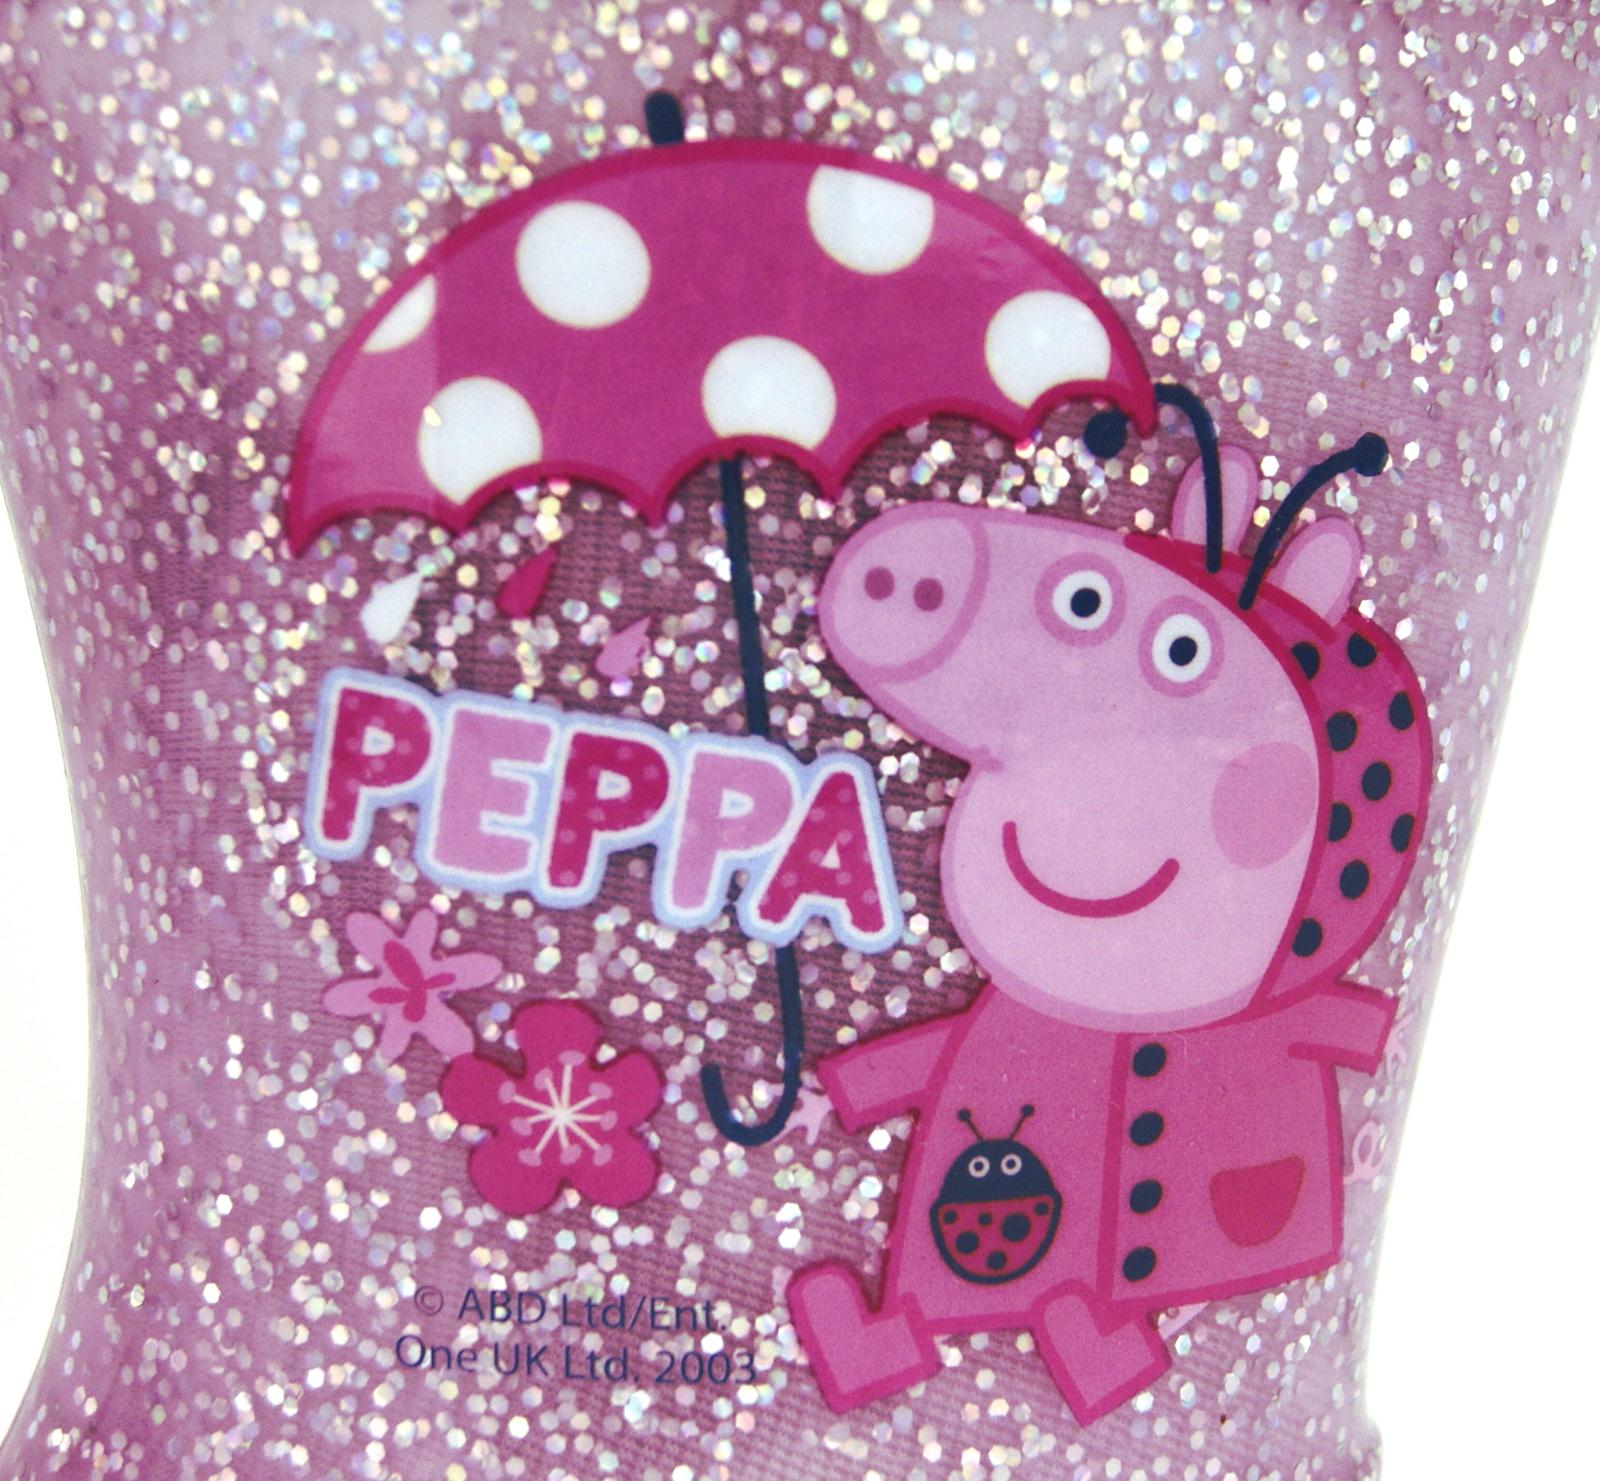 Girls-Peppa-Pig-Wellington-Boots-Mid-Calf-Gitter-Snow-Rain-Wellies-Kids-Size Indexbild 20